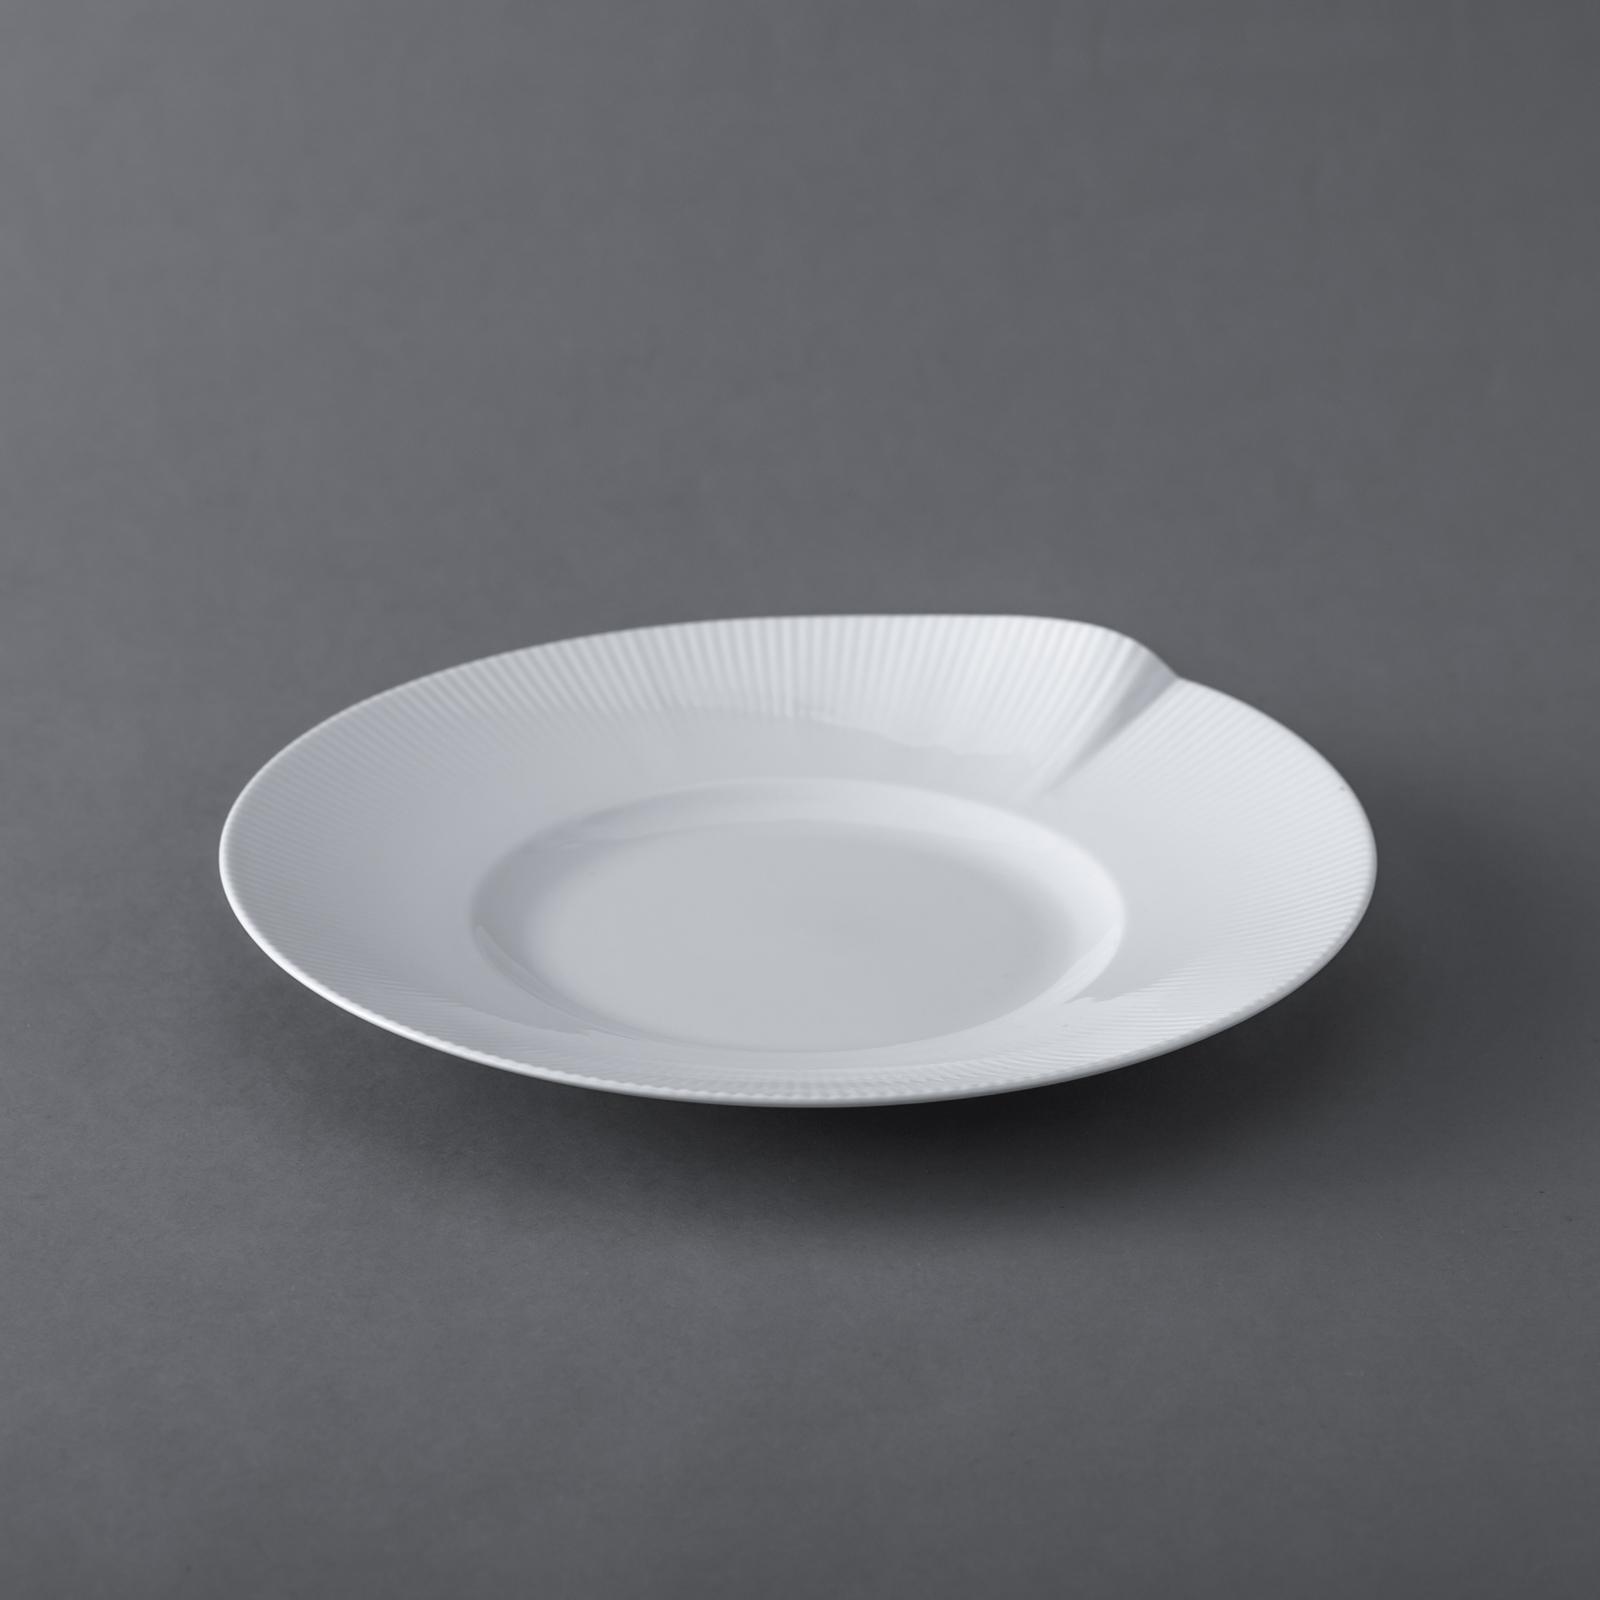 PILLIVUYT _ カノペ プレート 29cm